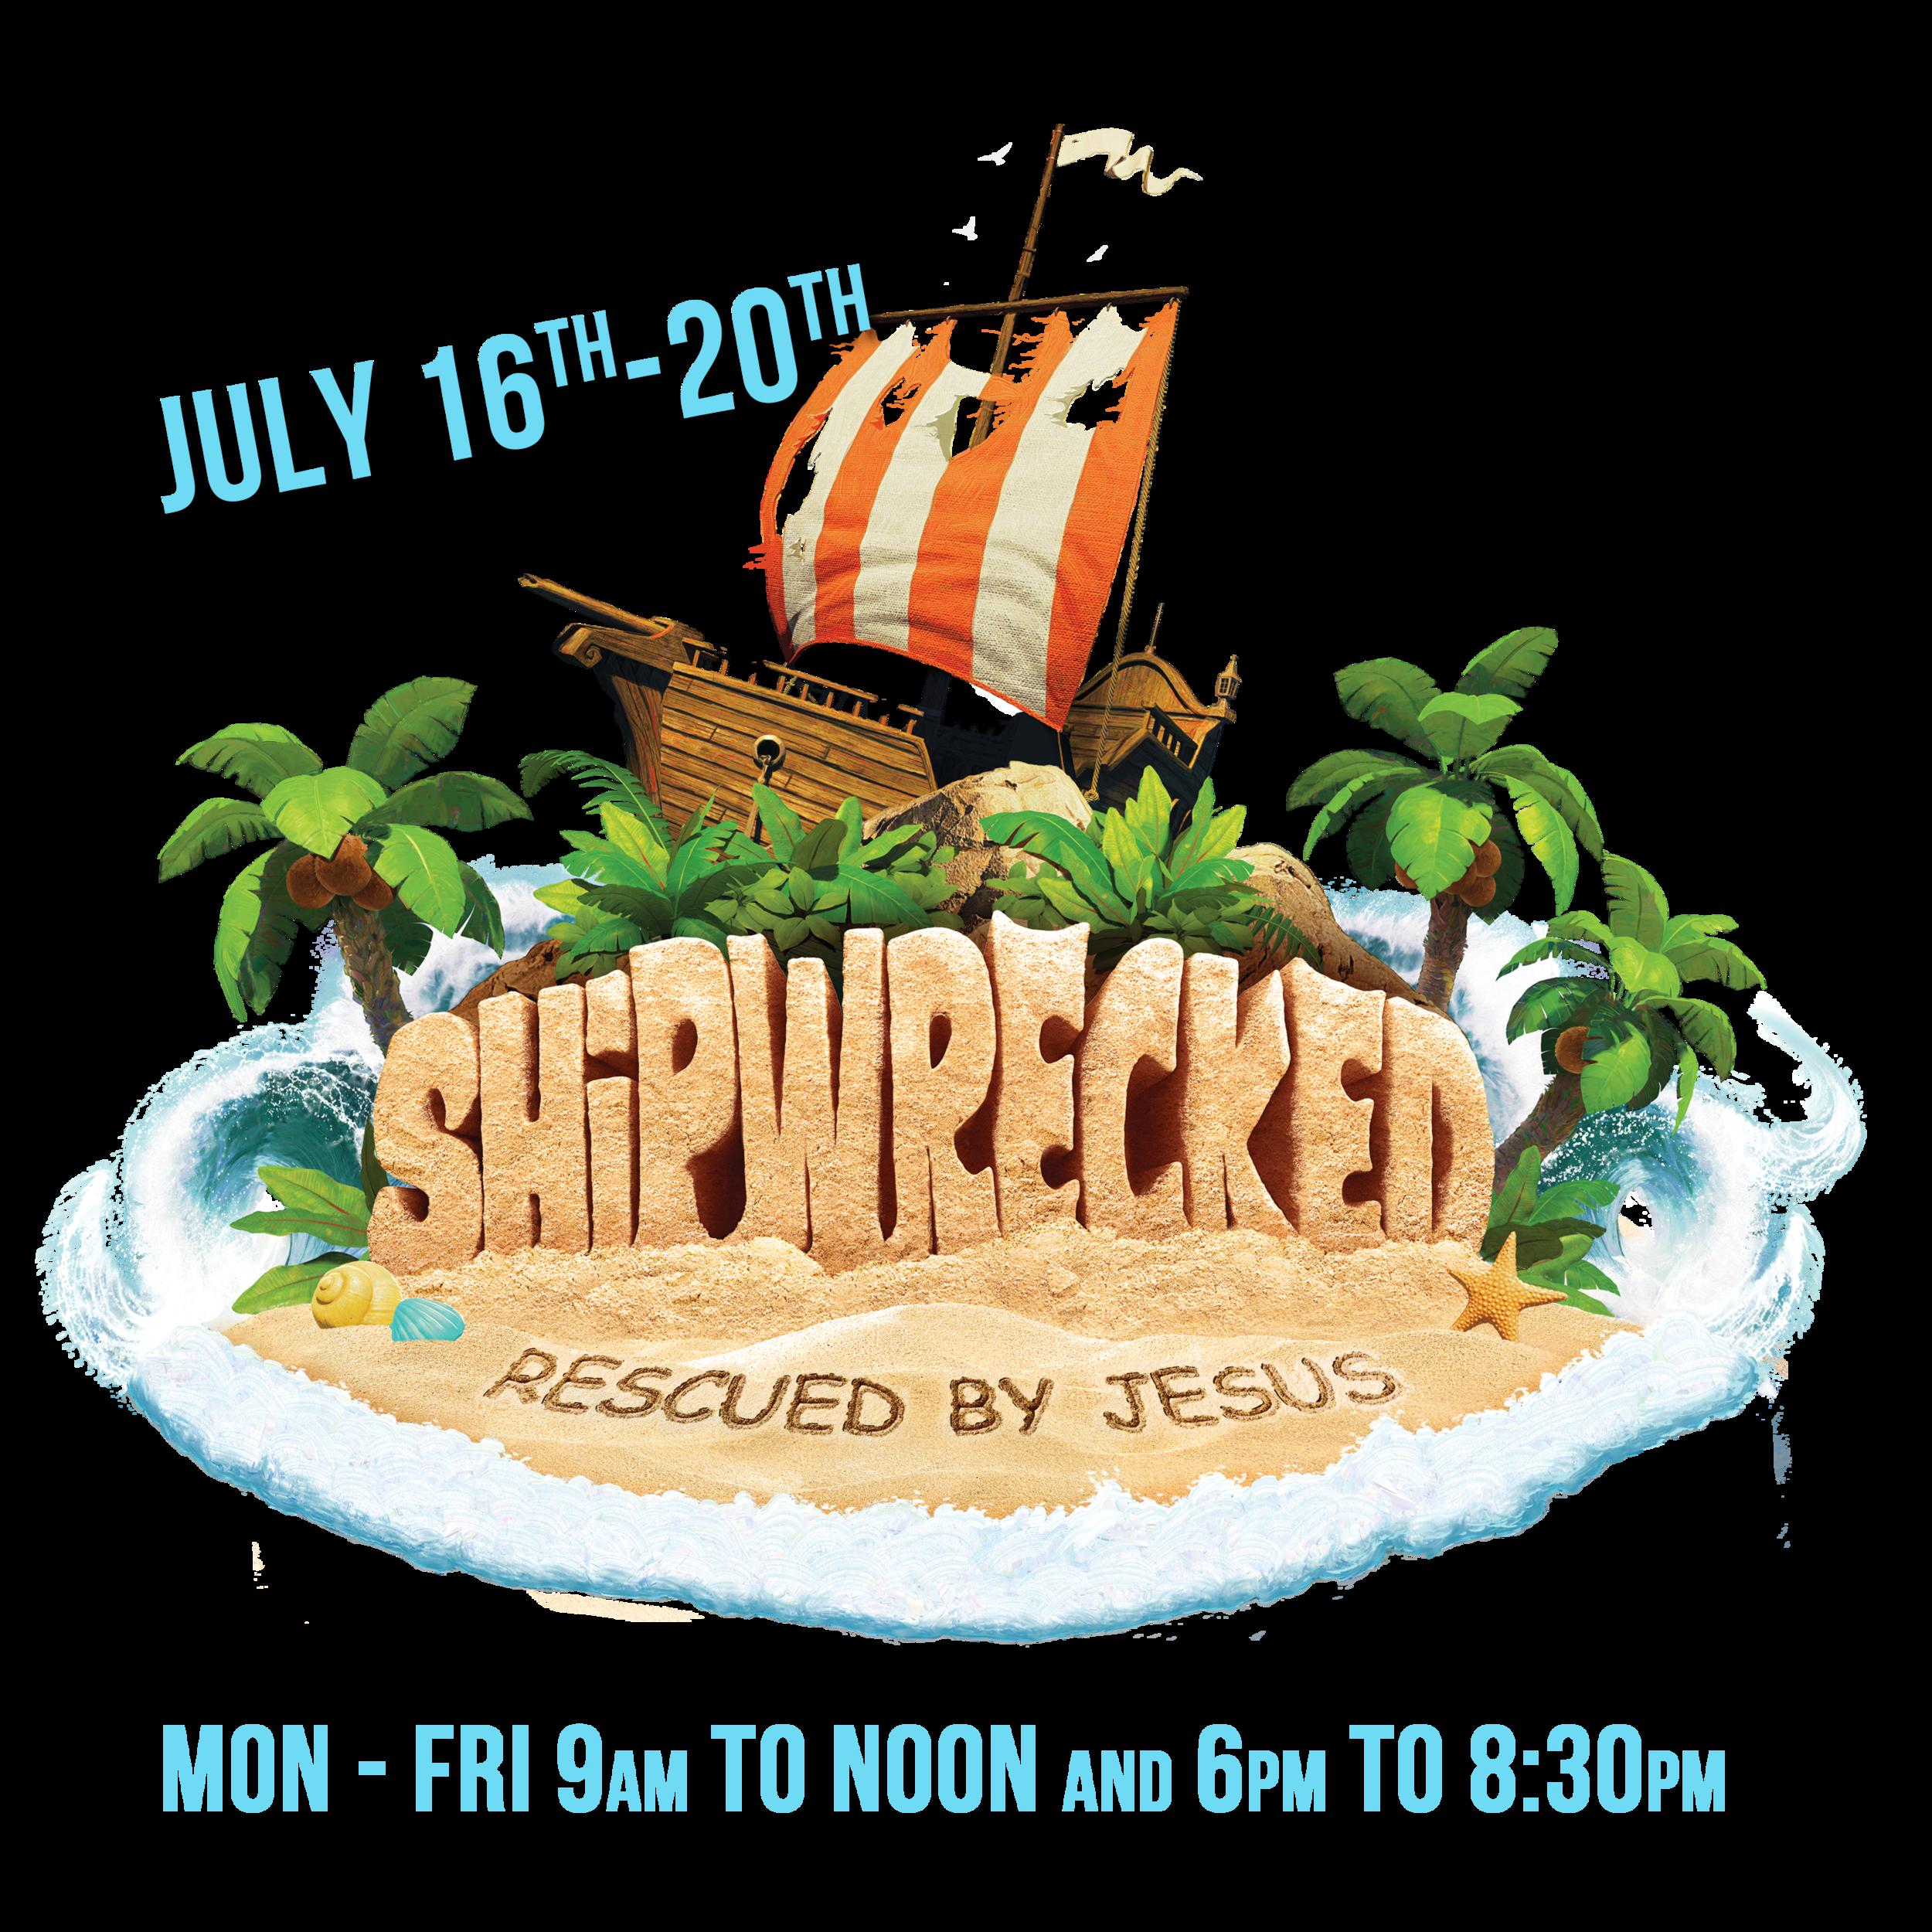 ShipwreckedLogo Main.png